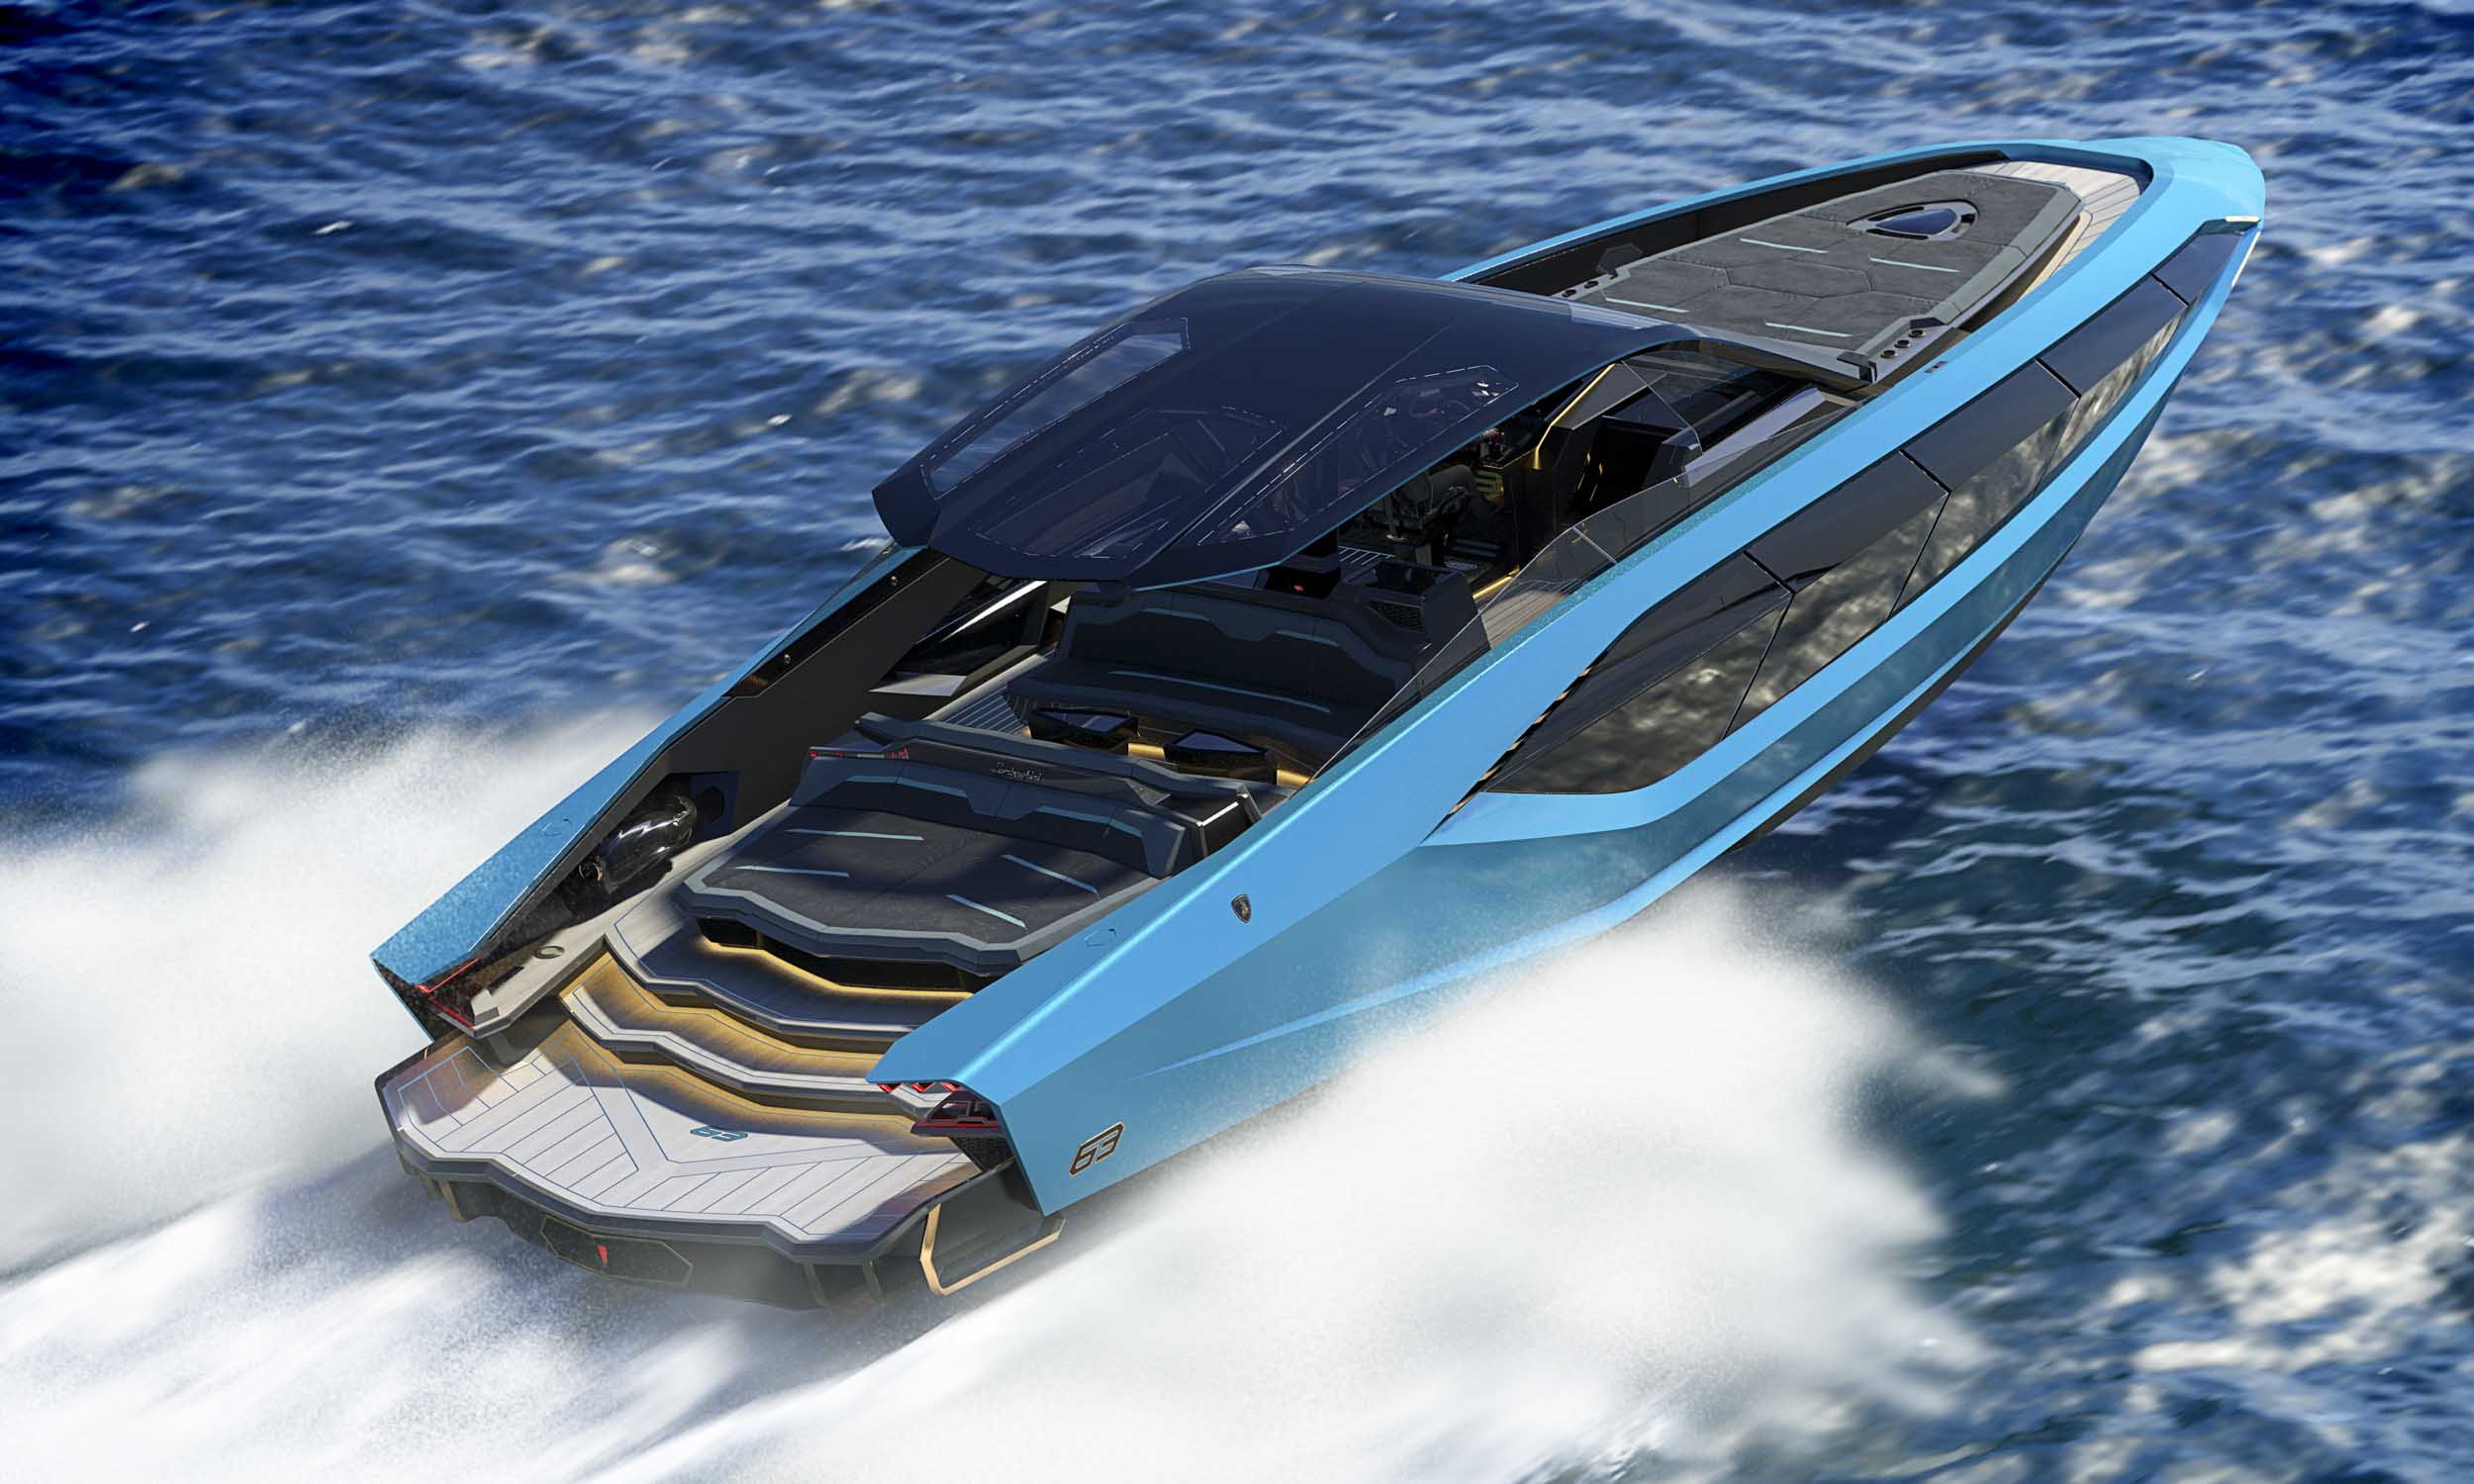 Lamborghini Motor Yacht Makes Big Splash